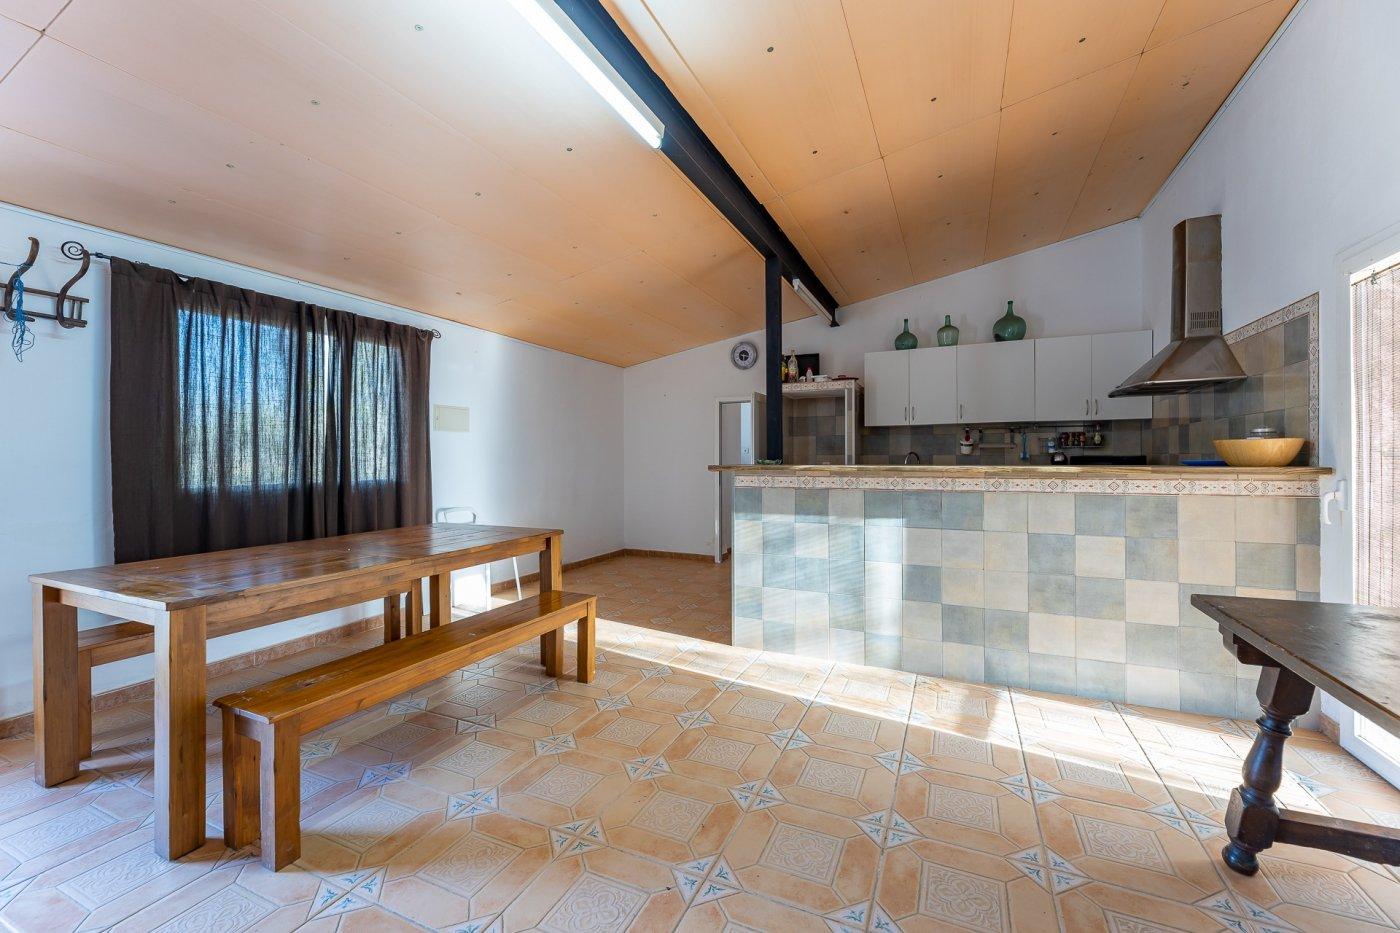 Encantadora finca rÚstica con casa de invitados  en marratxinet - imagenInmueble27